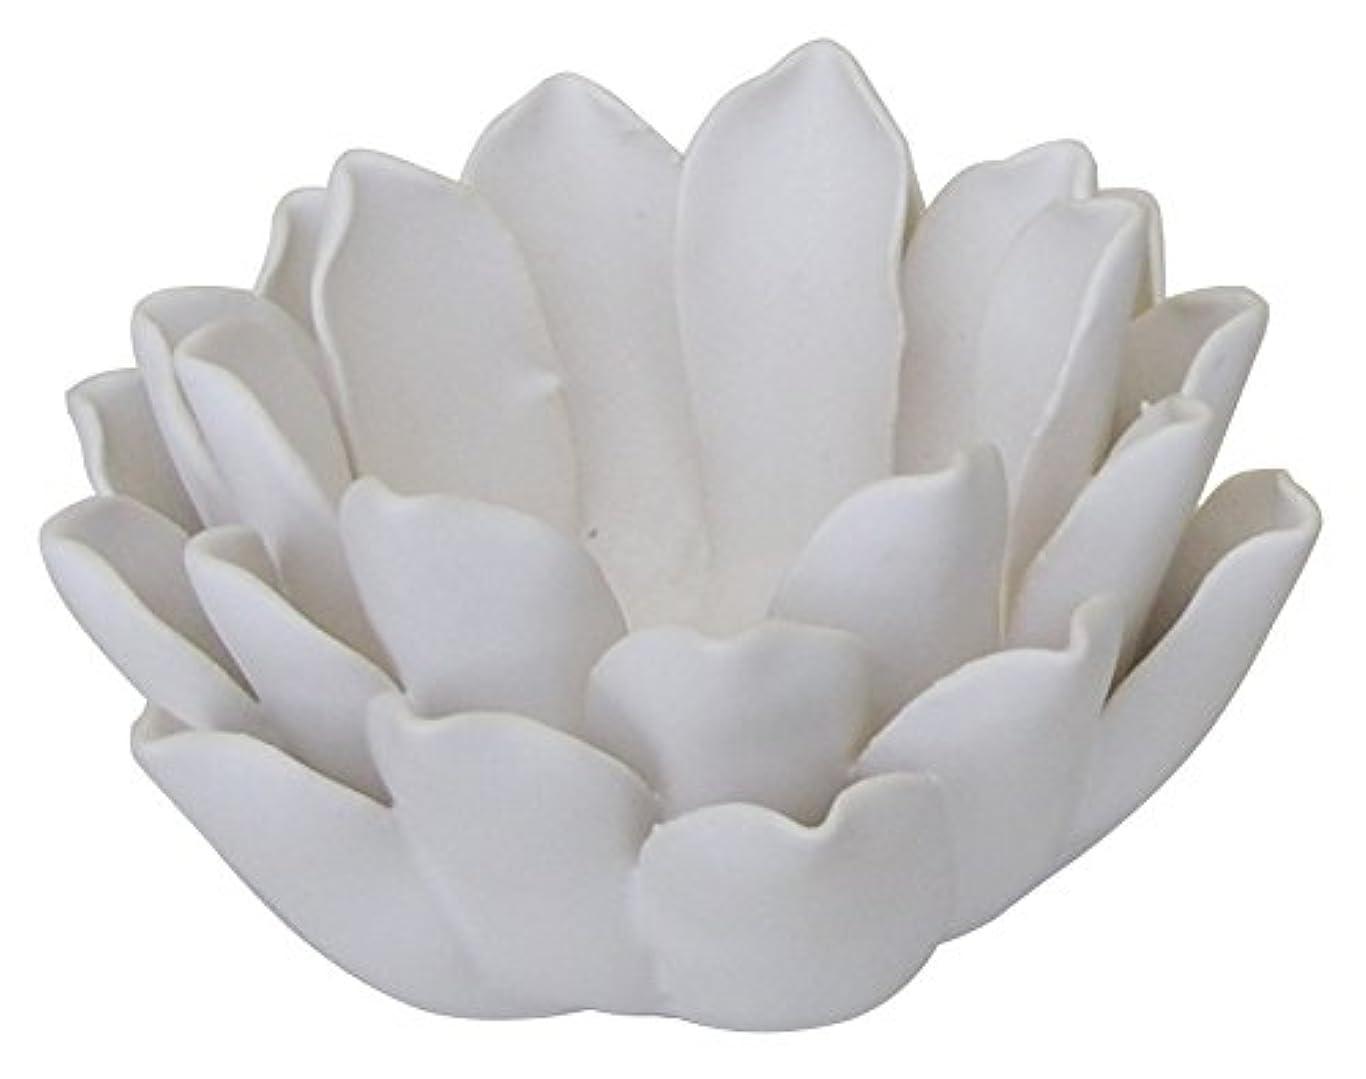 昆虫風邪をひく評価するマルエス 燭台 陶器製 ロータス 小 ホワイト